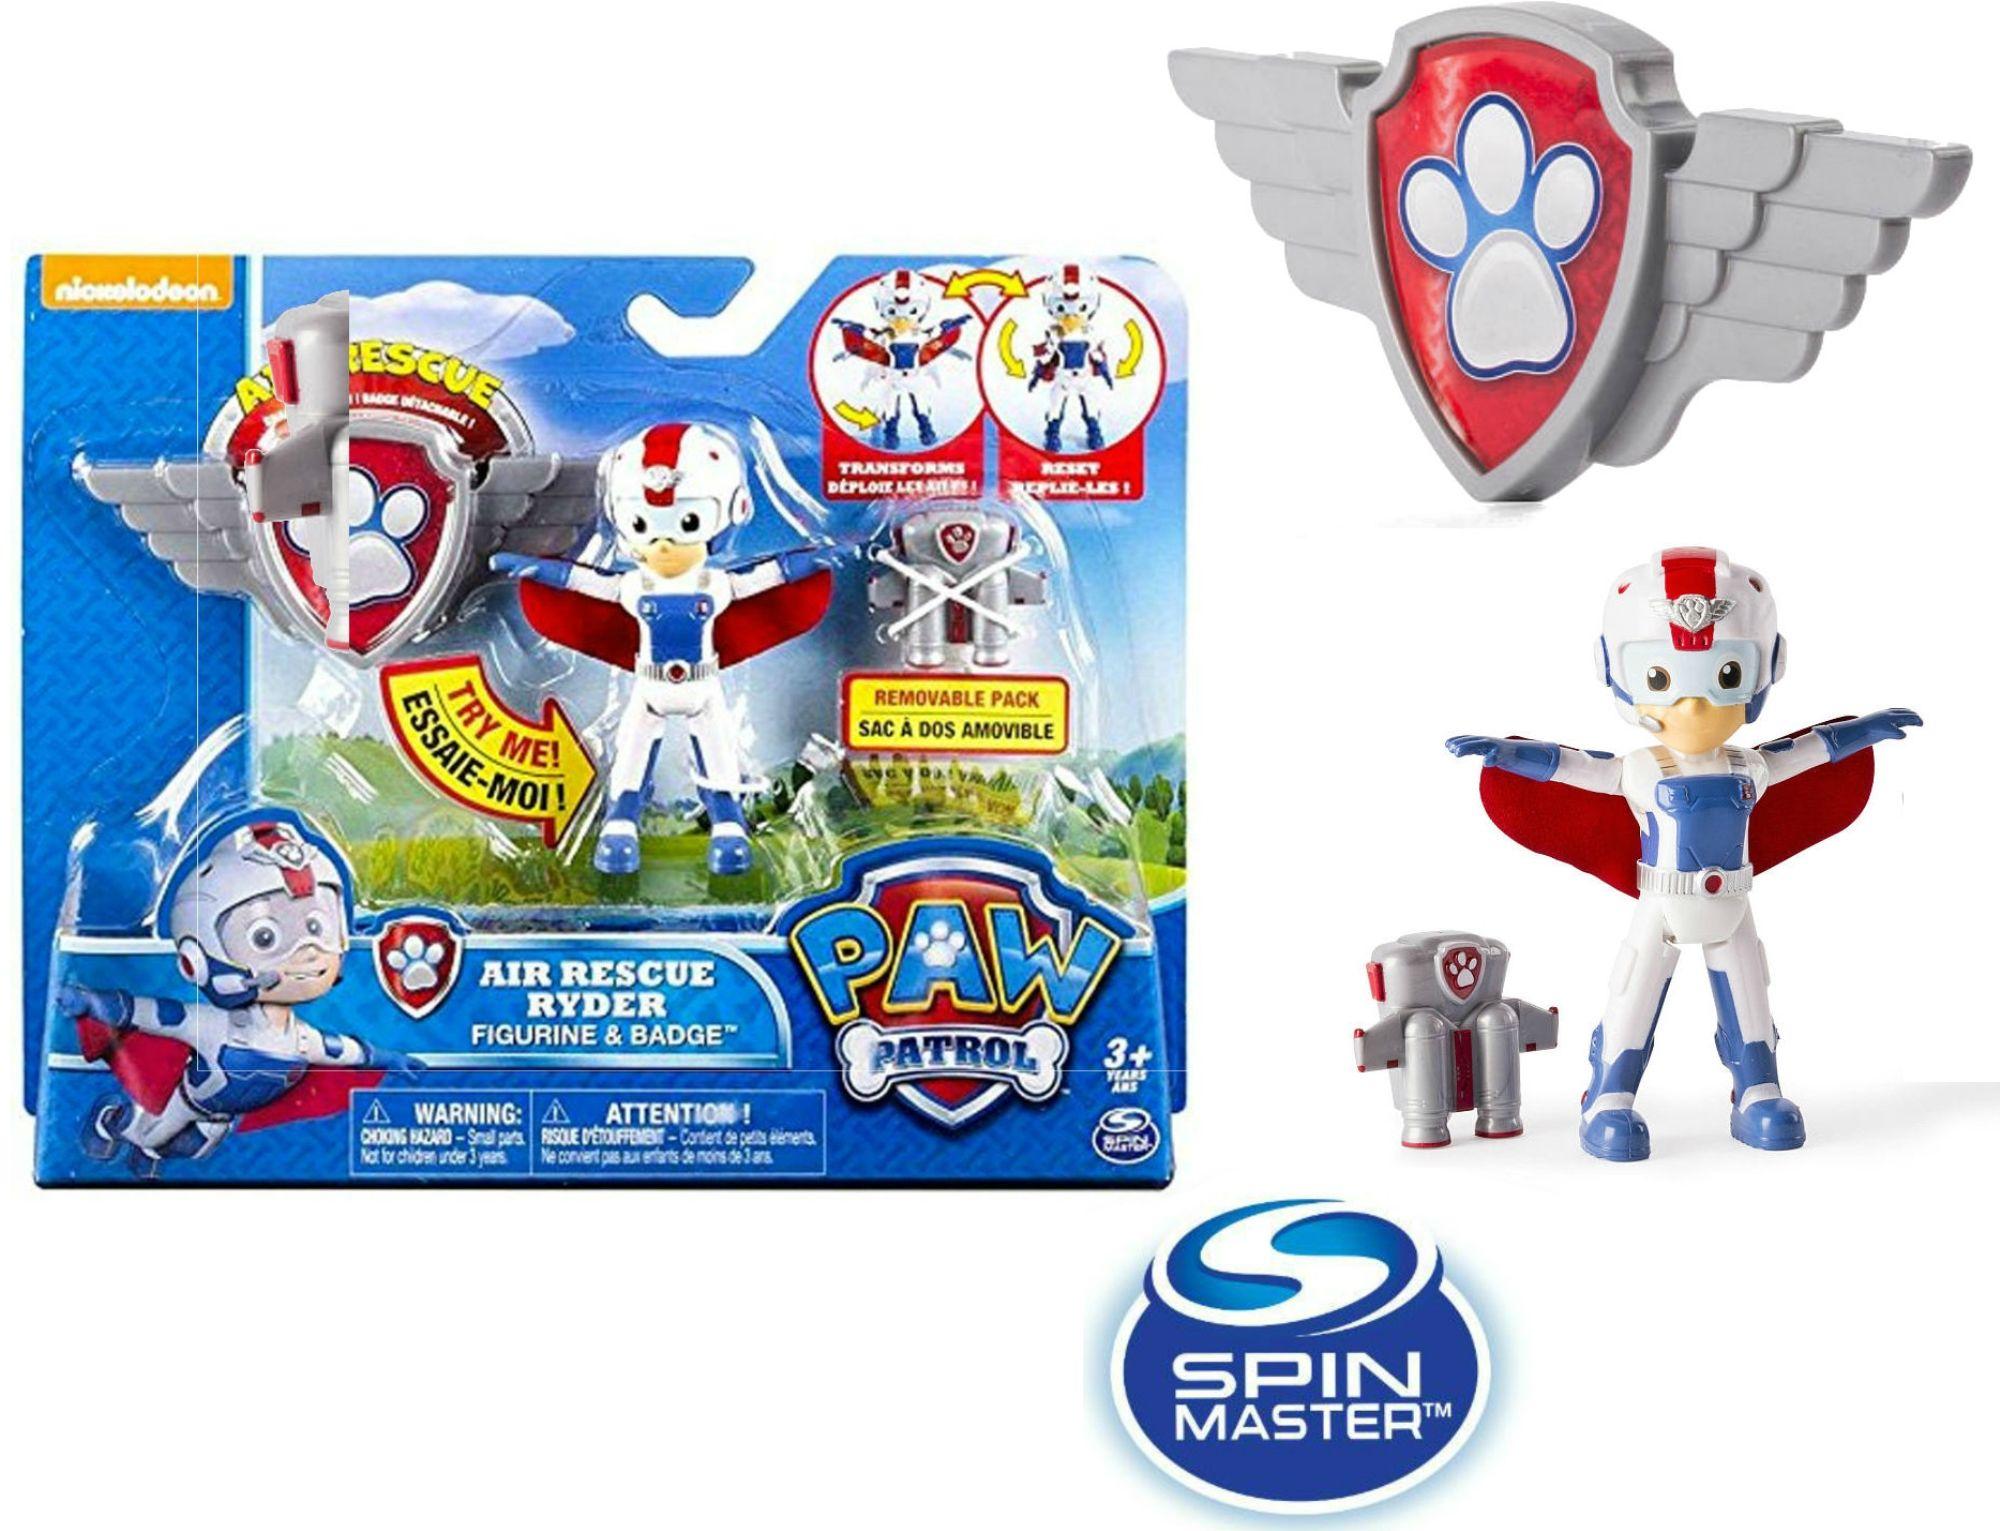 Spin Master Psi Patrol Powietrzny Patrol Figurka Akcji Z Odznaką Ryder